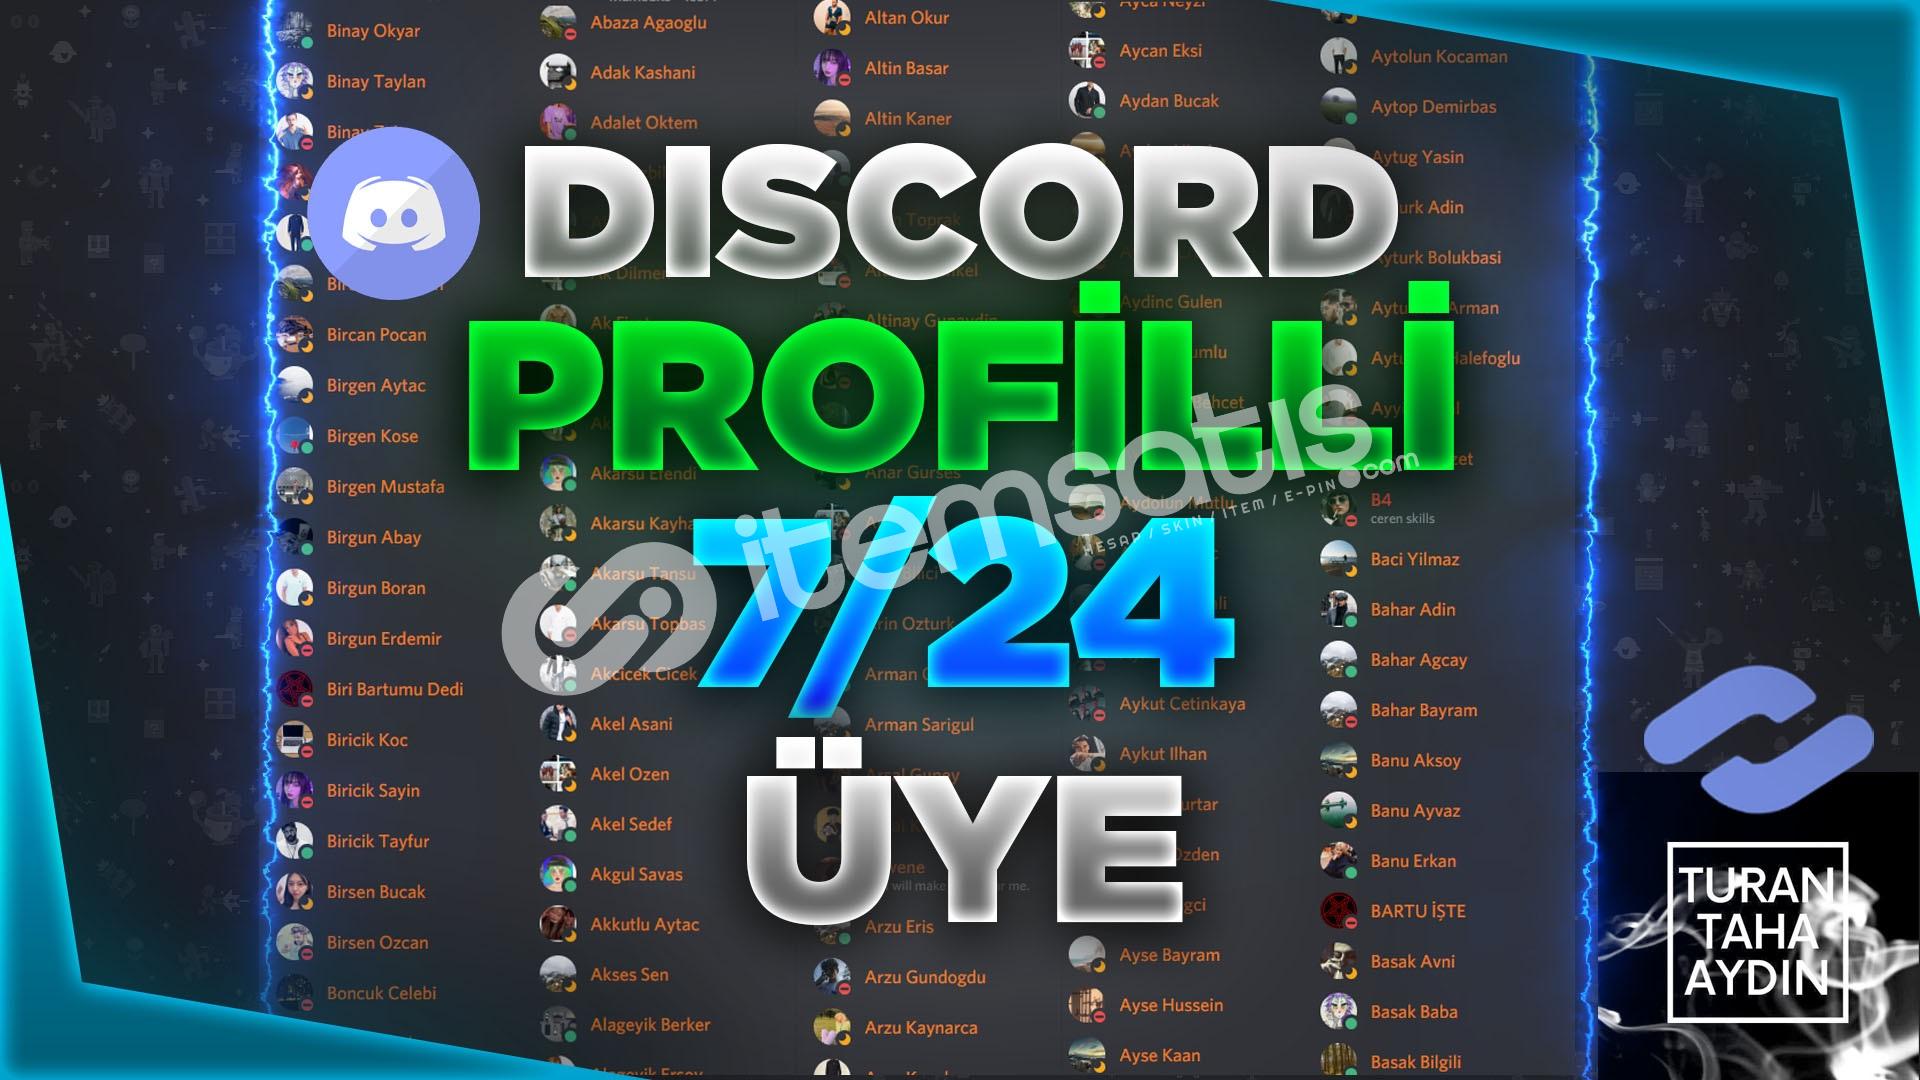 !Hepsi Profil Fotoğraflı Discord 300 Adet 7/24 Çevrimiçi Üye